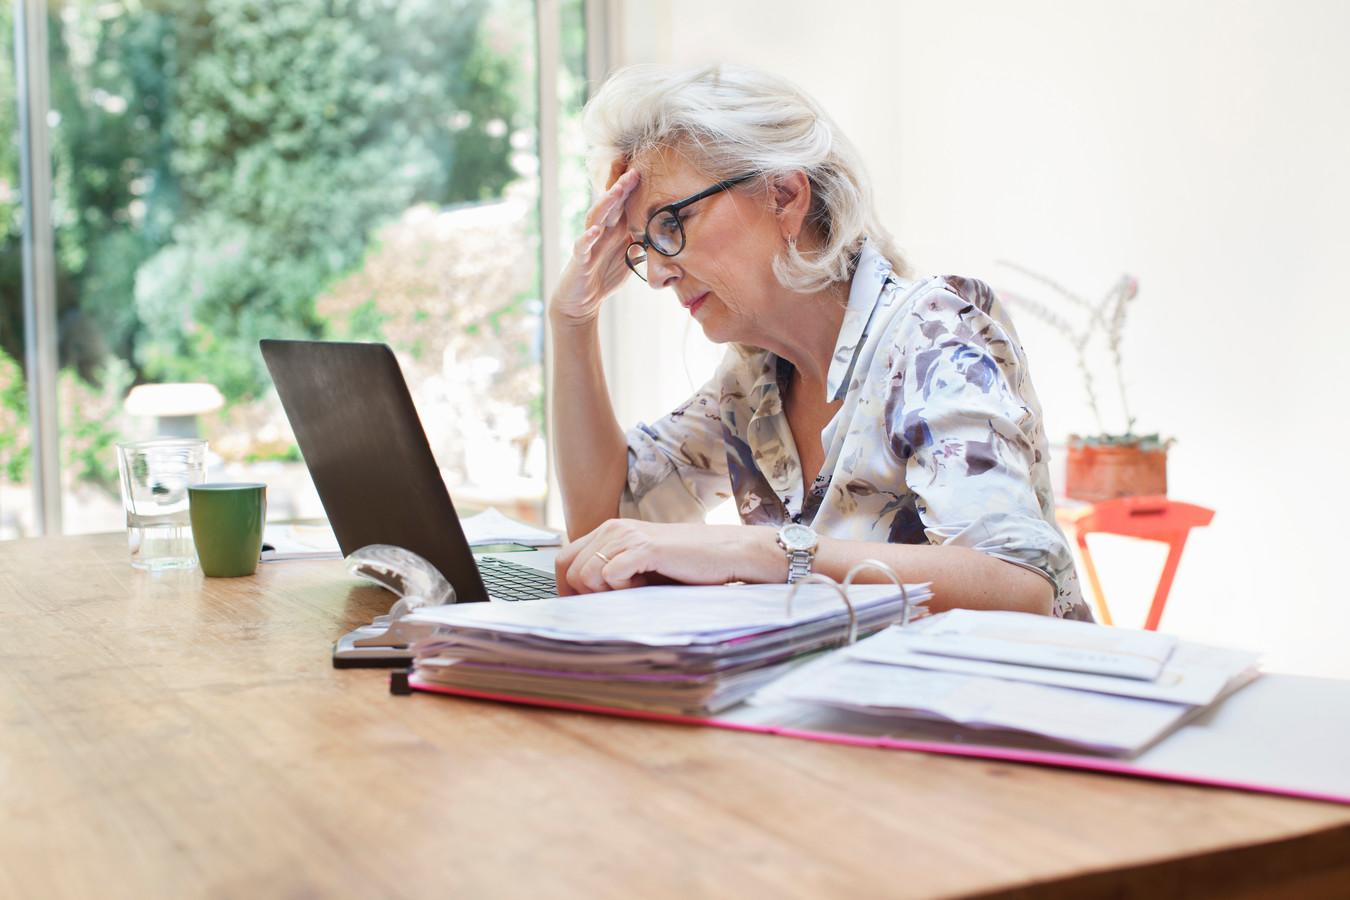 Comment obtenir une pension plus élevée?